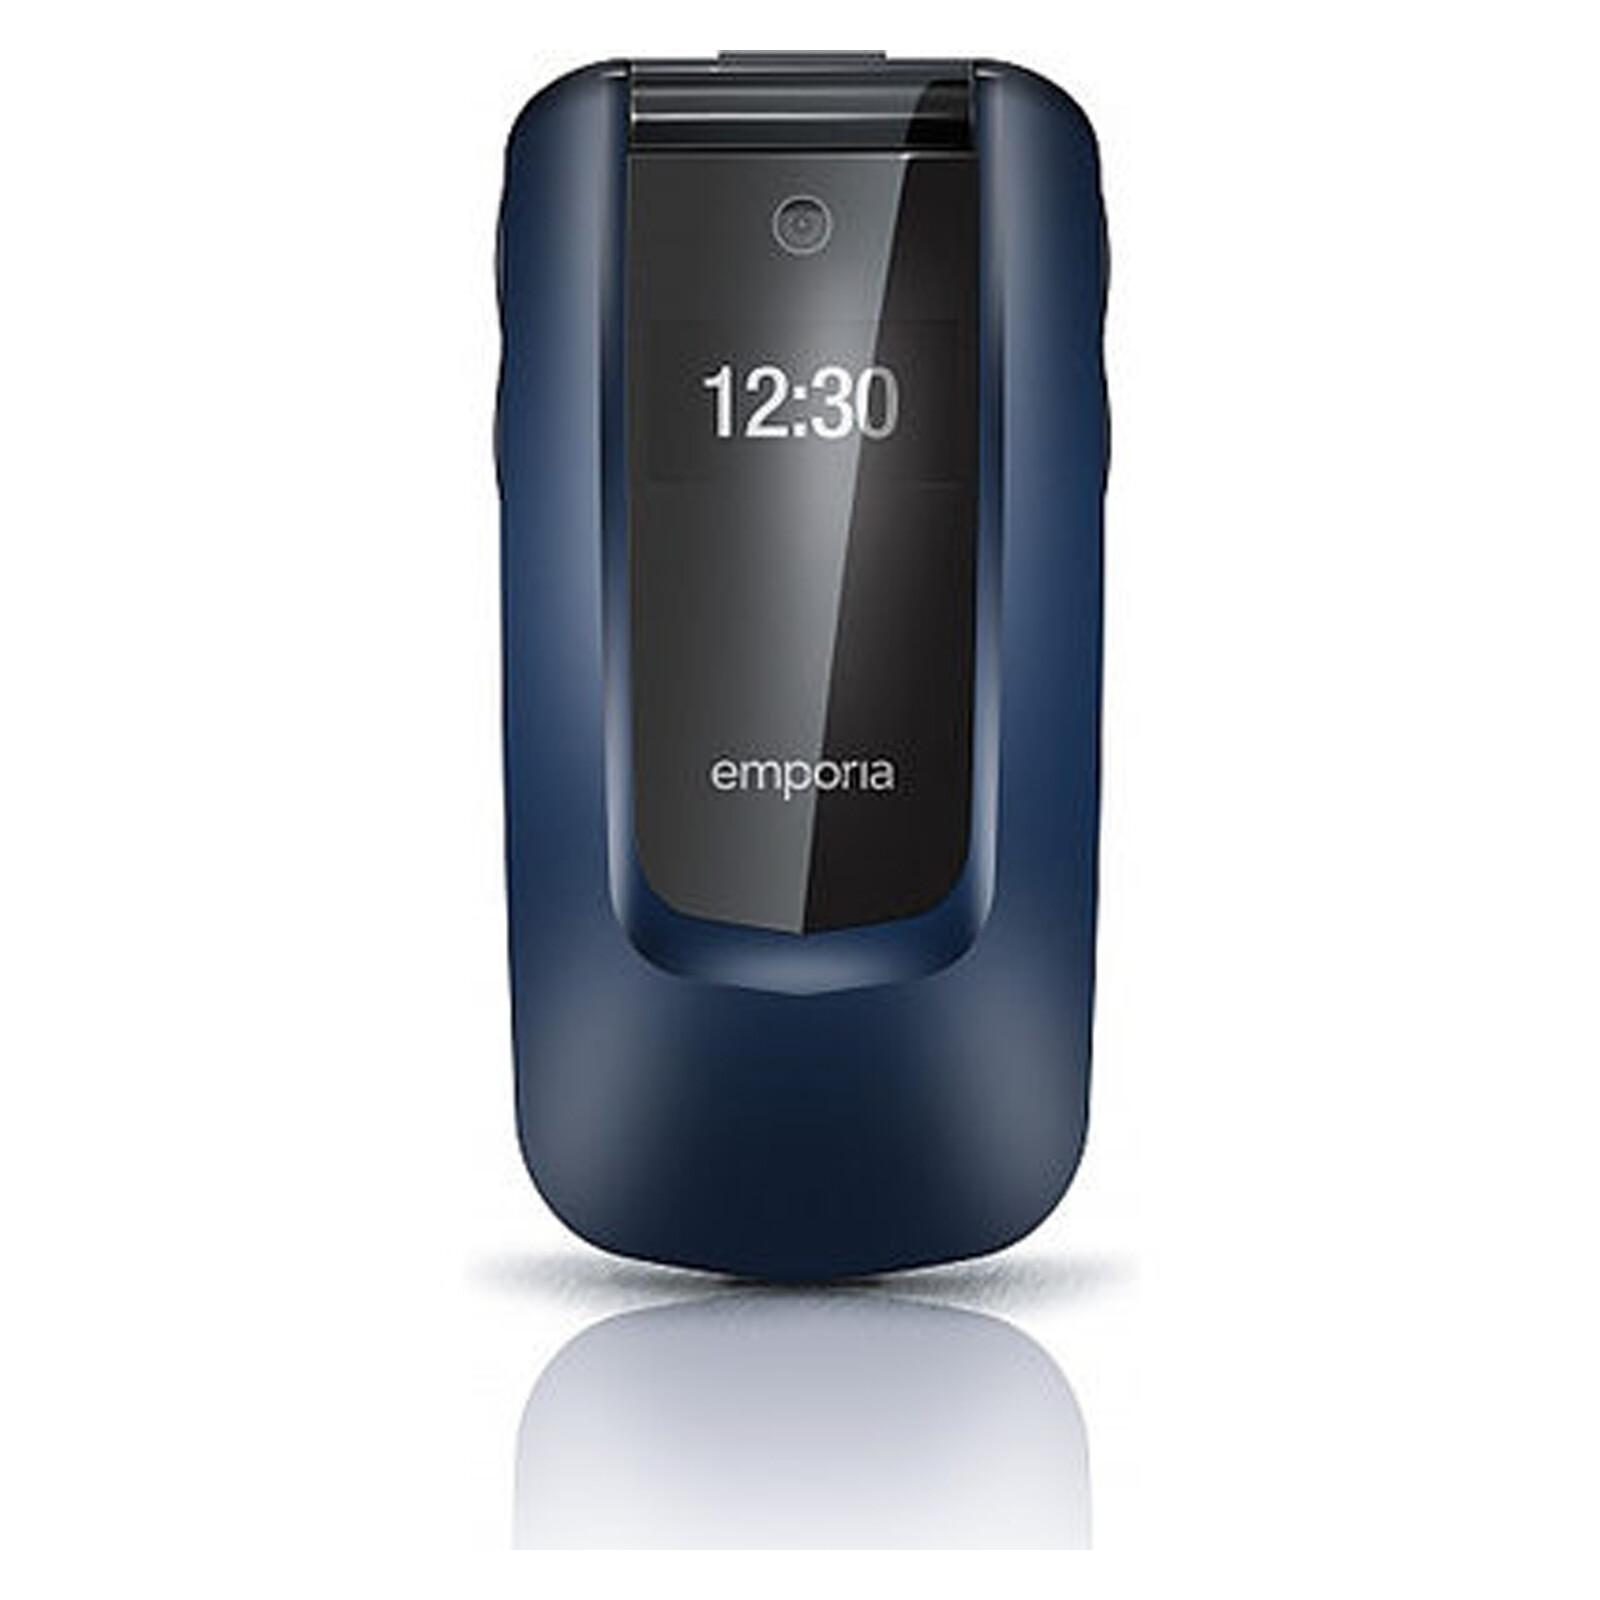 Emporia Comfort V66 blueberry